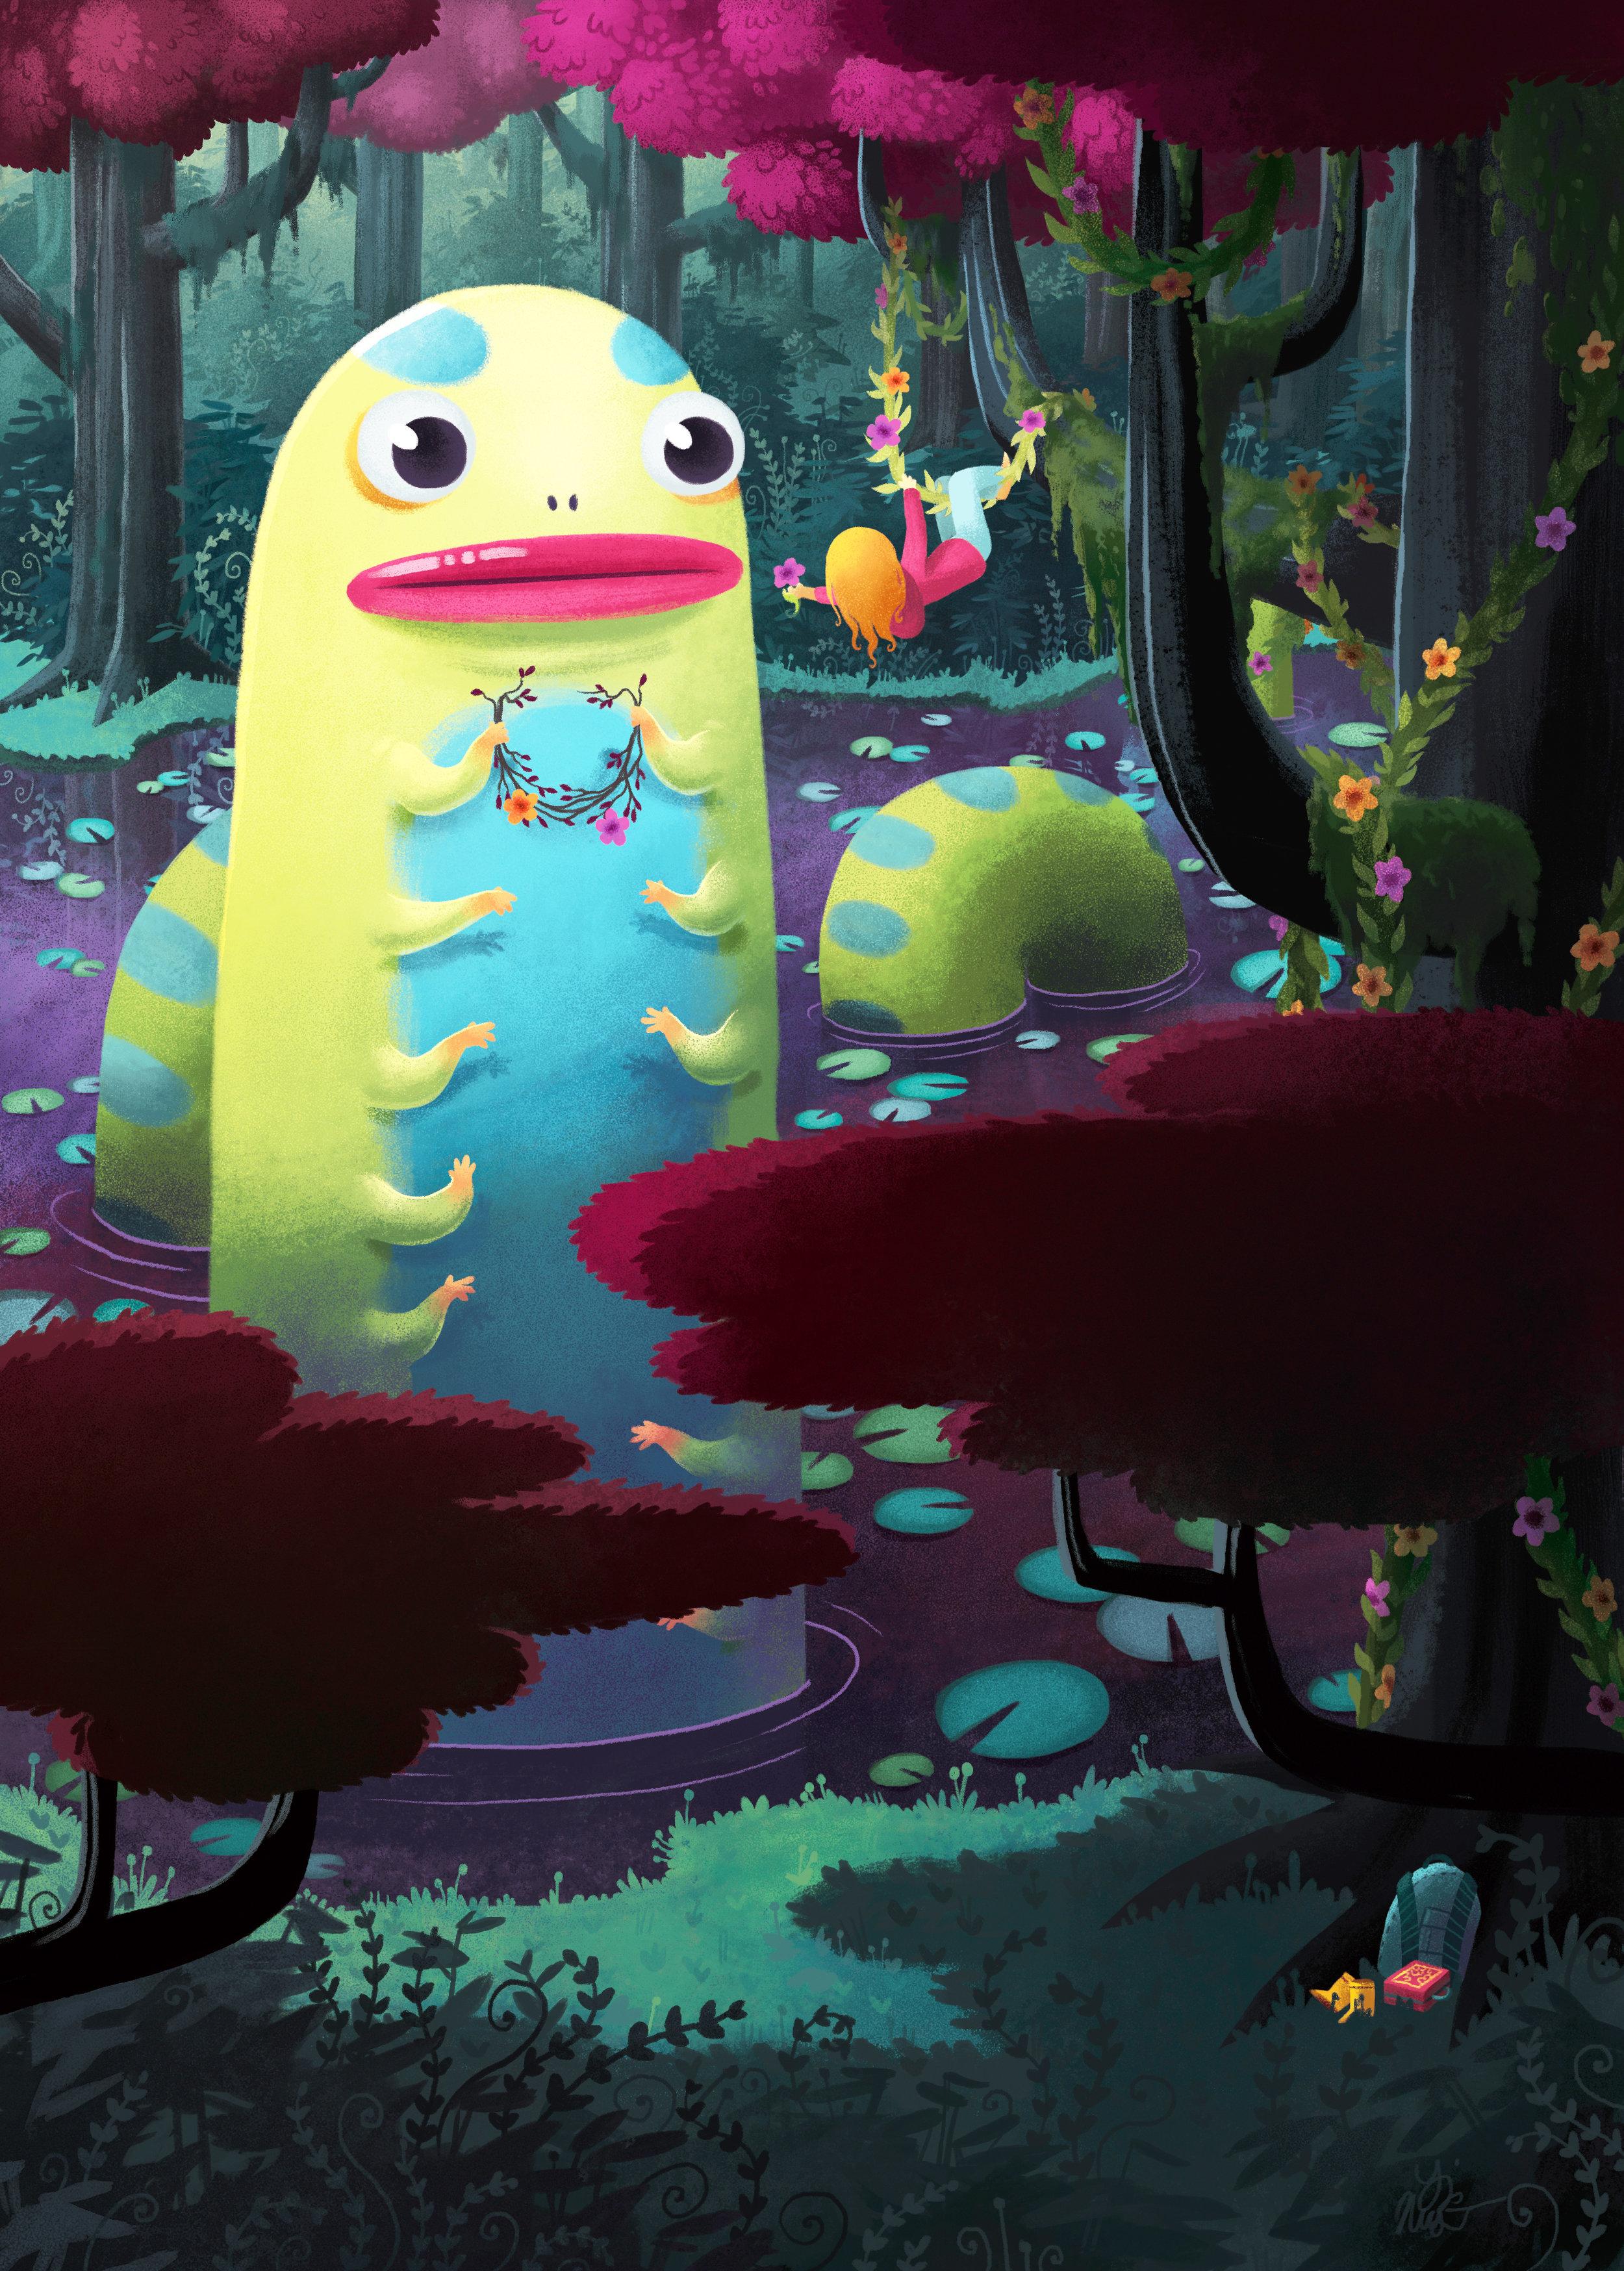 swampy duder inprnt.jpg